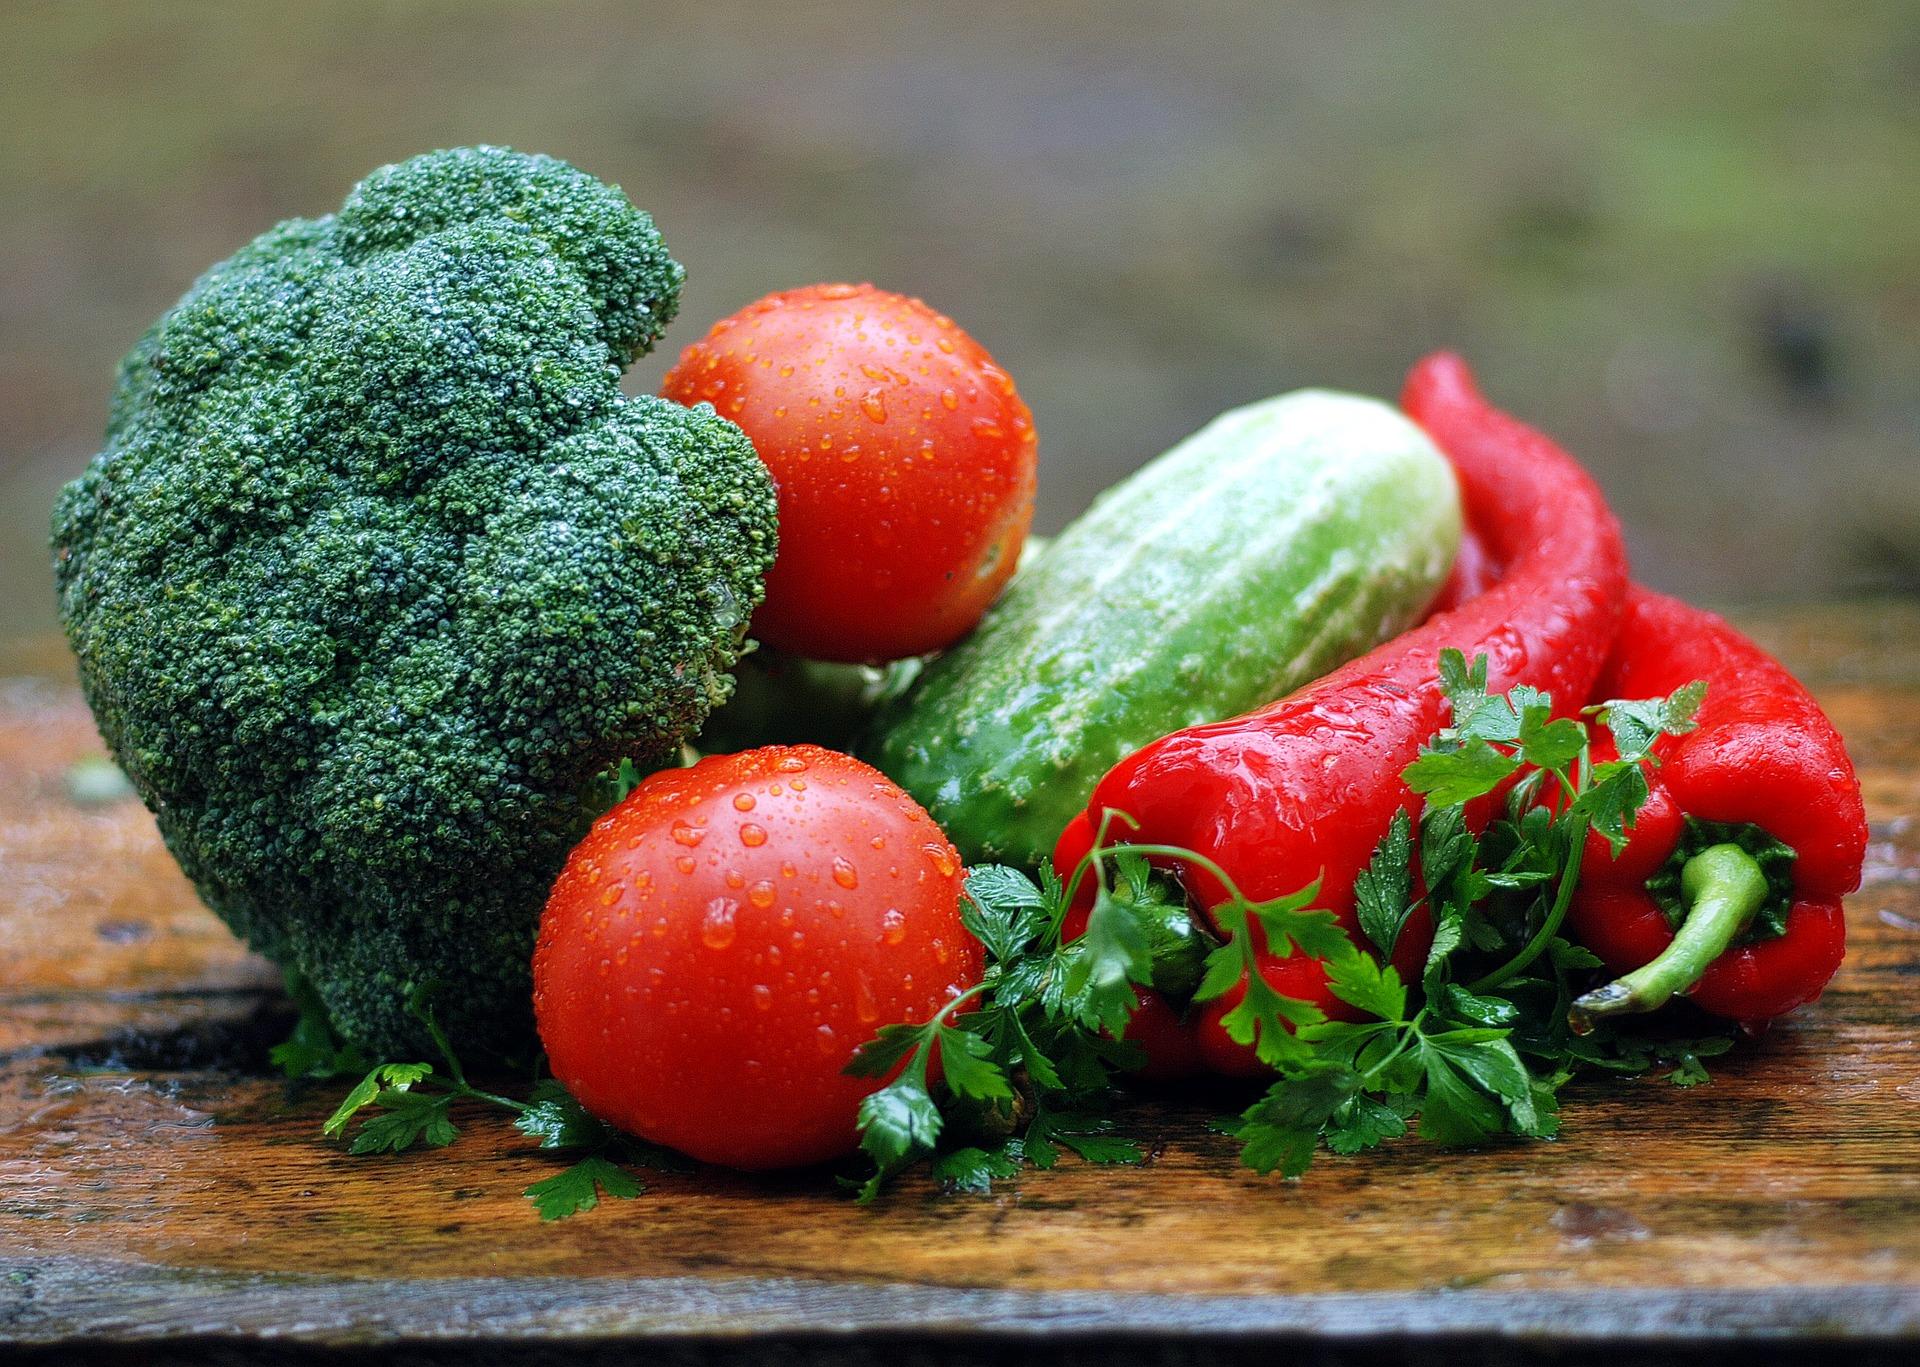 Få leveret en lækker måltidskasse med friske råvarer og grøntsager til døren